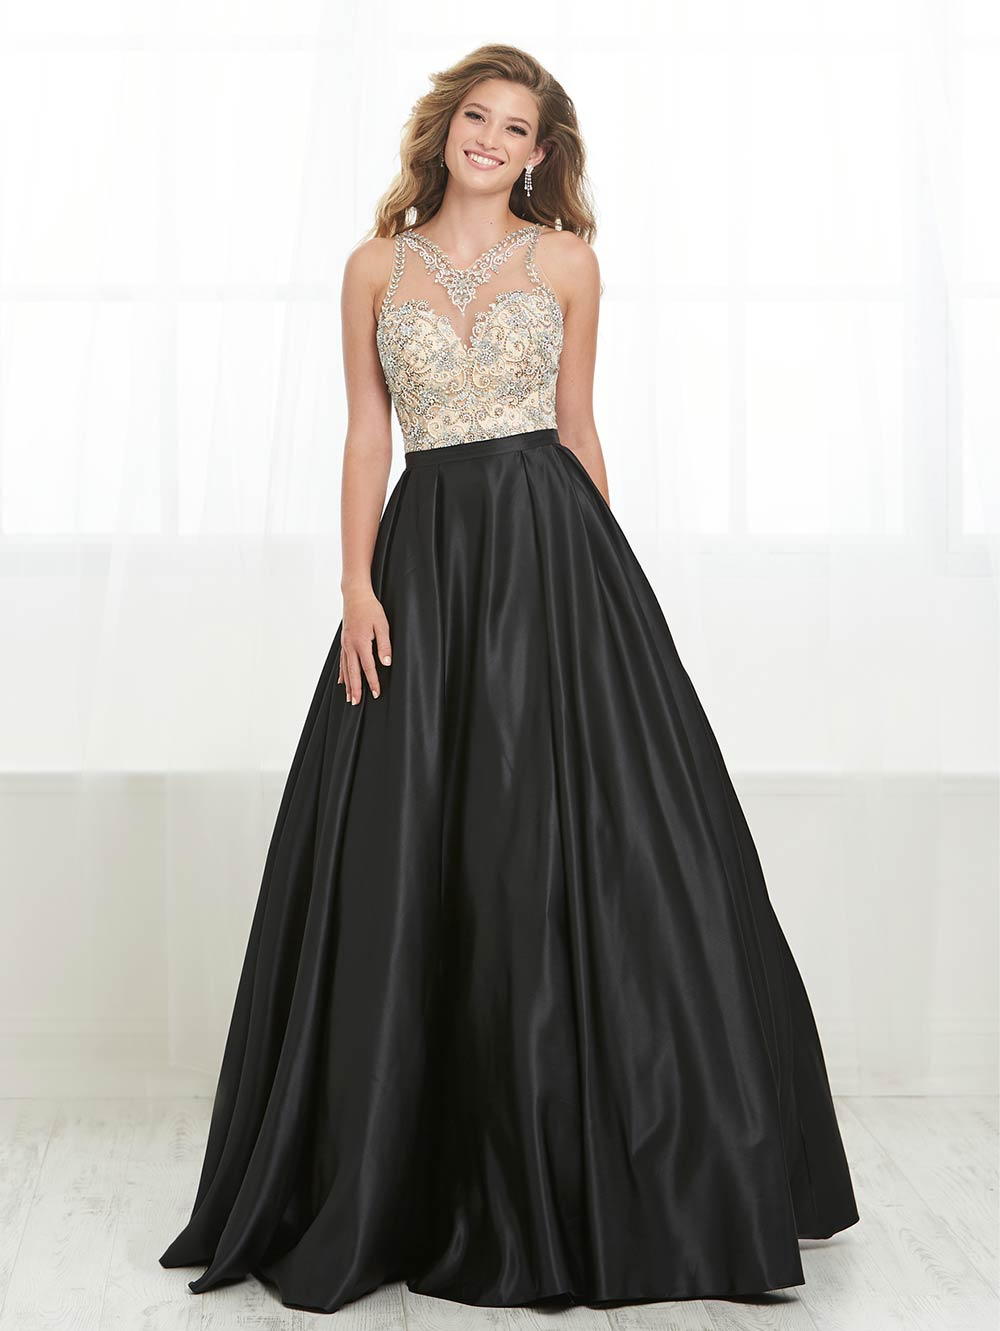 prom-dresses-jacquelin-bridals-canada-27875